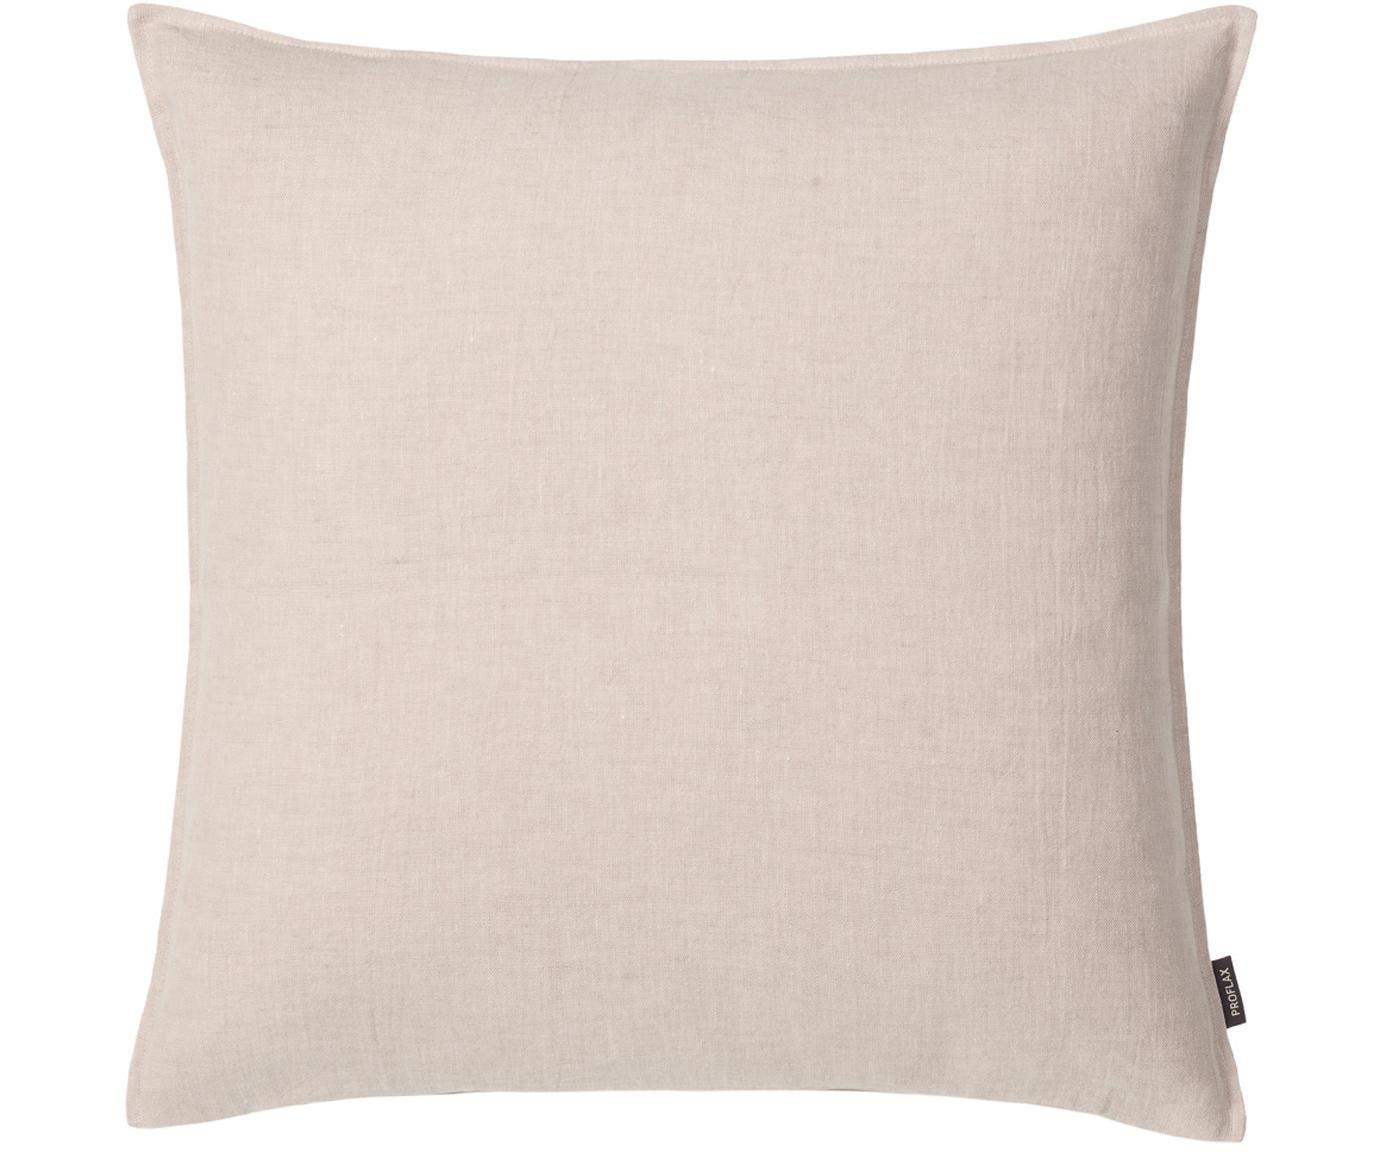 Poszewka na poduszkę z lnu z efektem sprania Sven, Len, Odcienie piaskowego, S 40 x D 40 cm